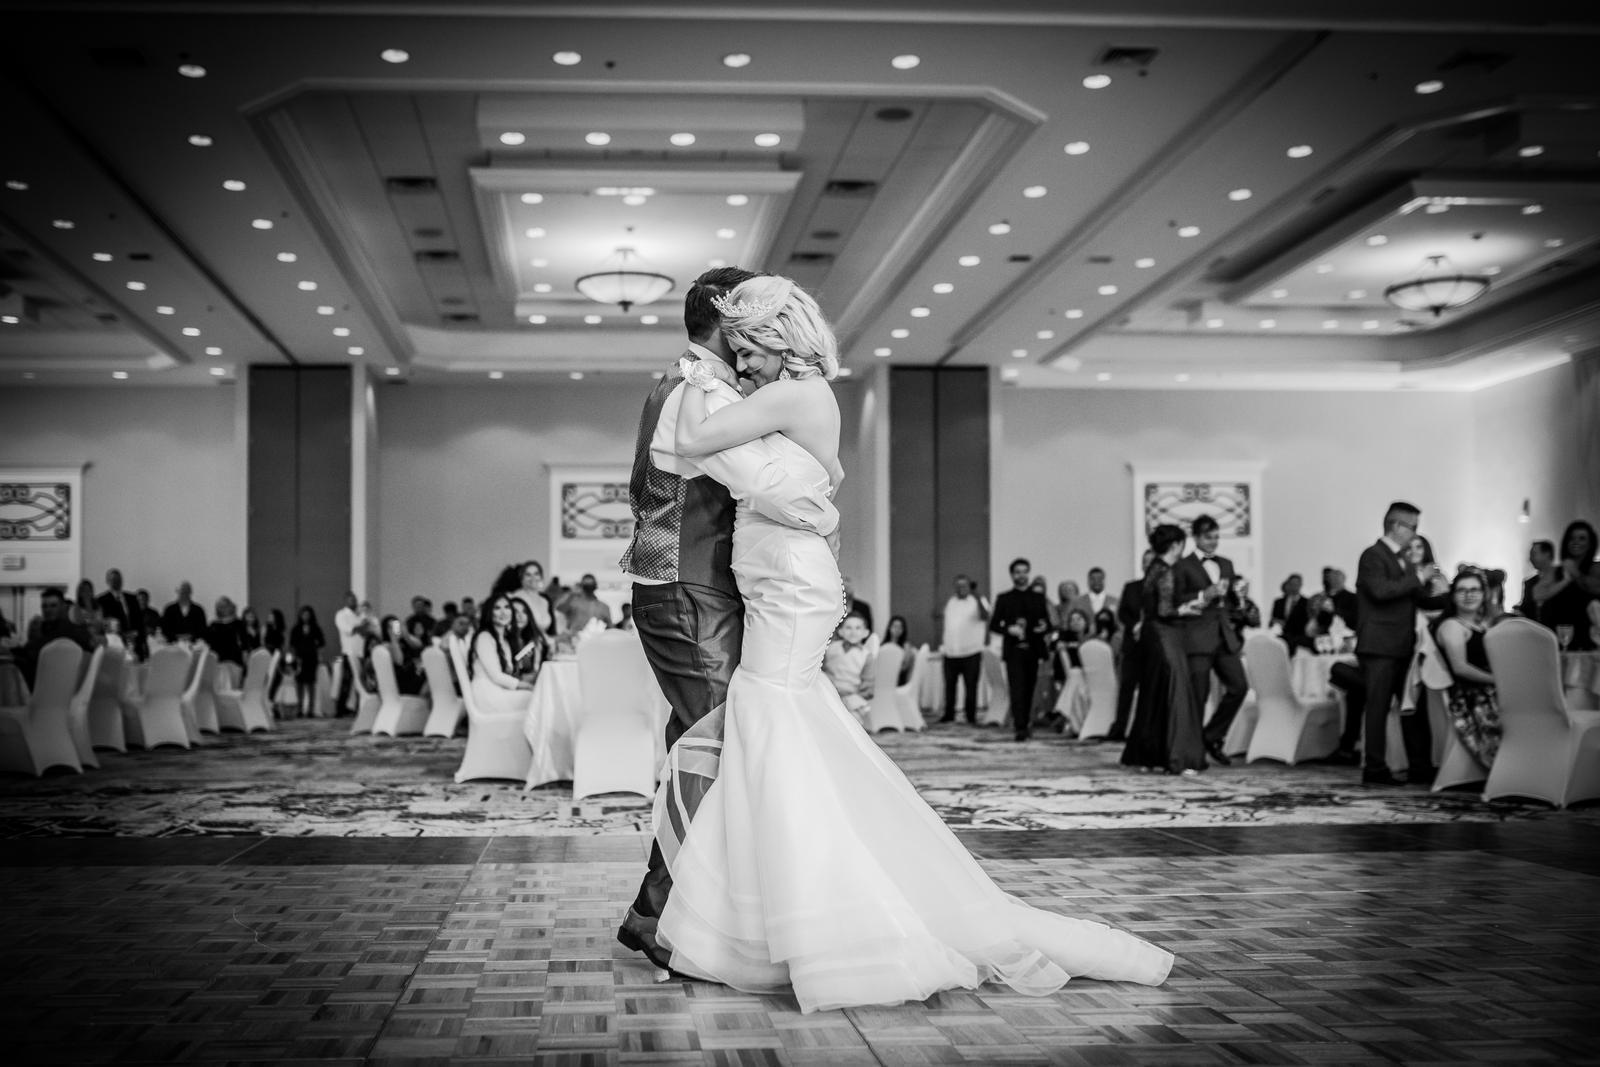 Svatby v zahraničí ♥ Destination Weddings ♥ - Obrázok č. 12